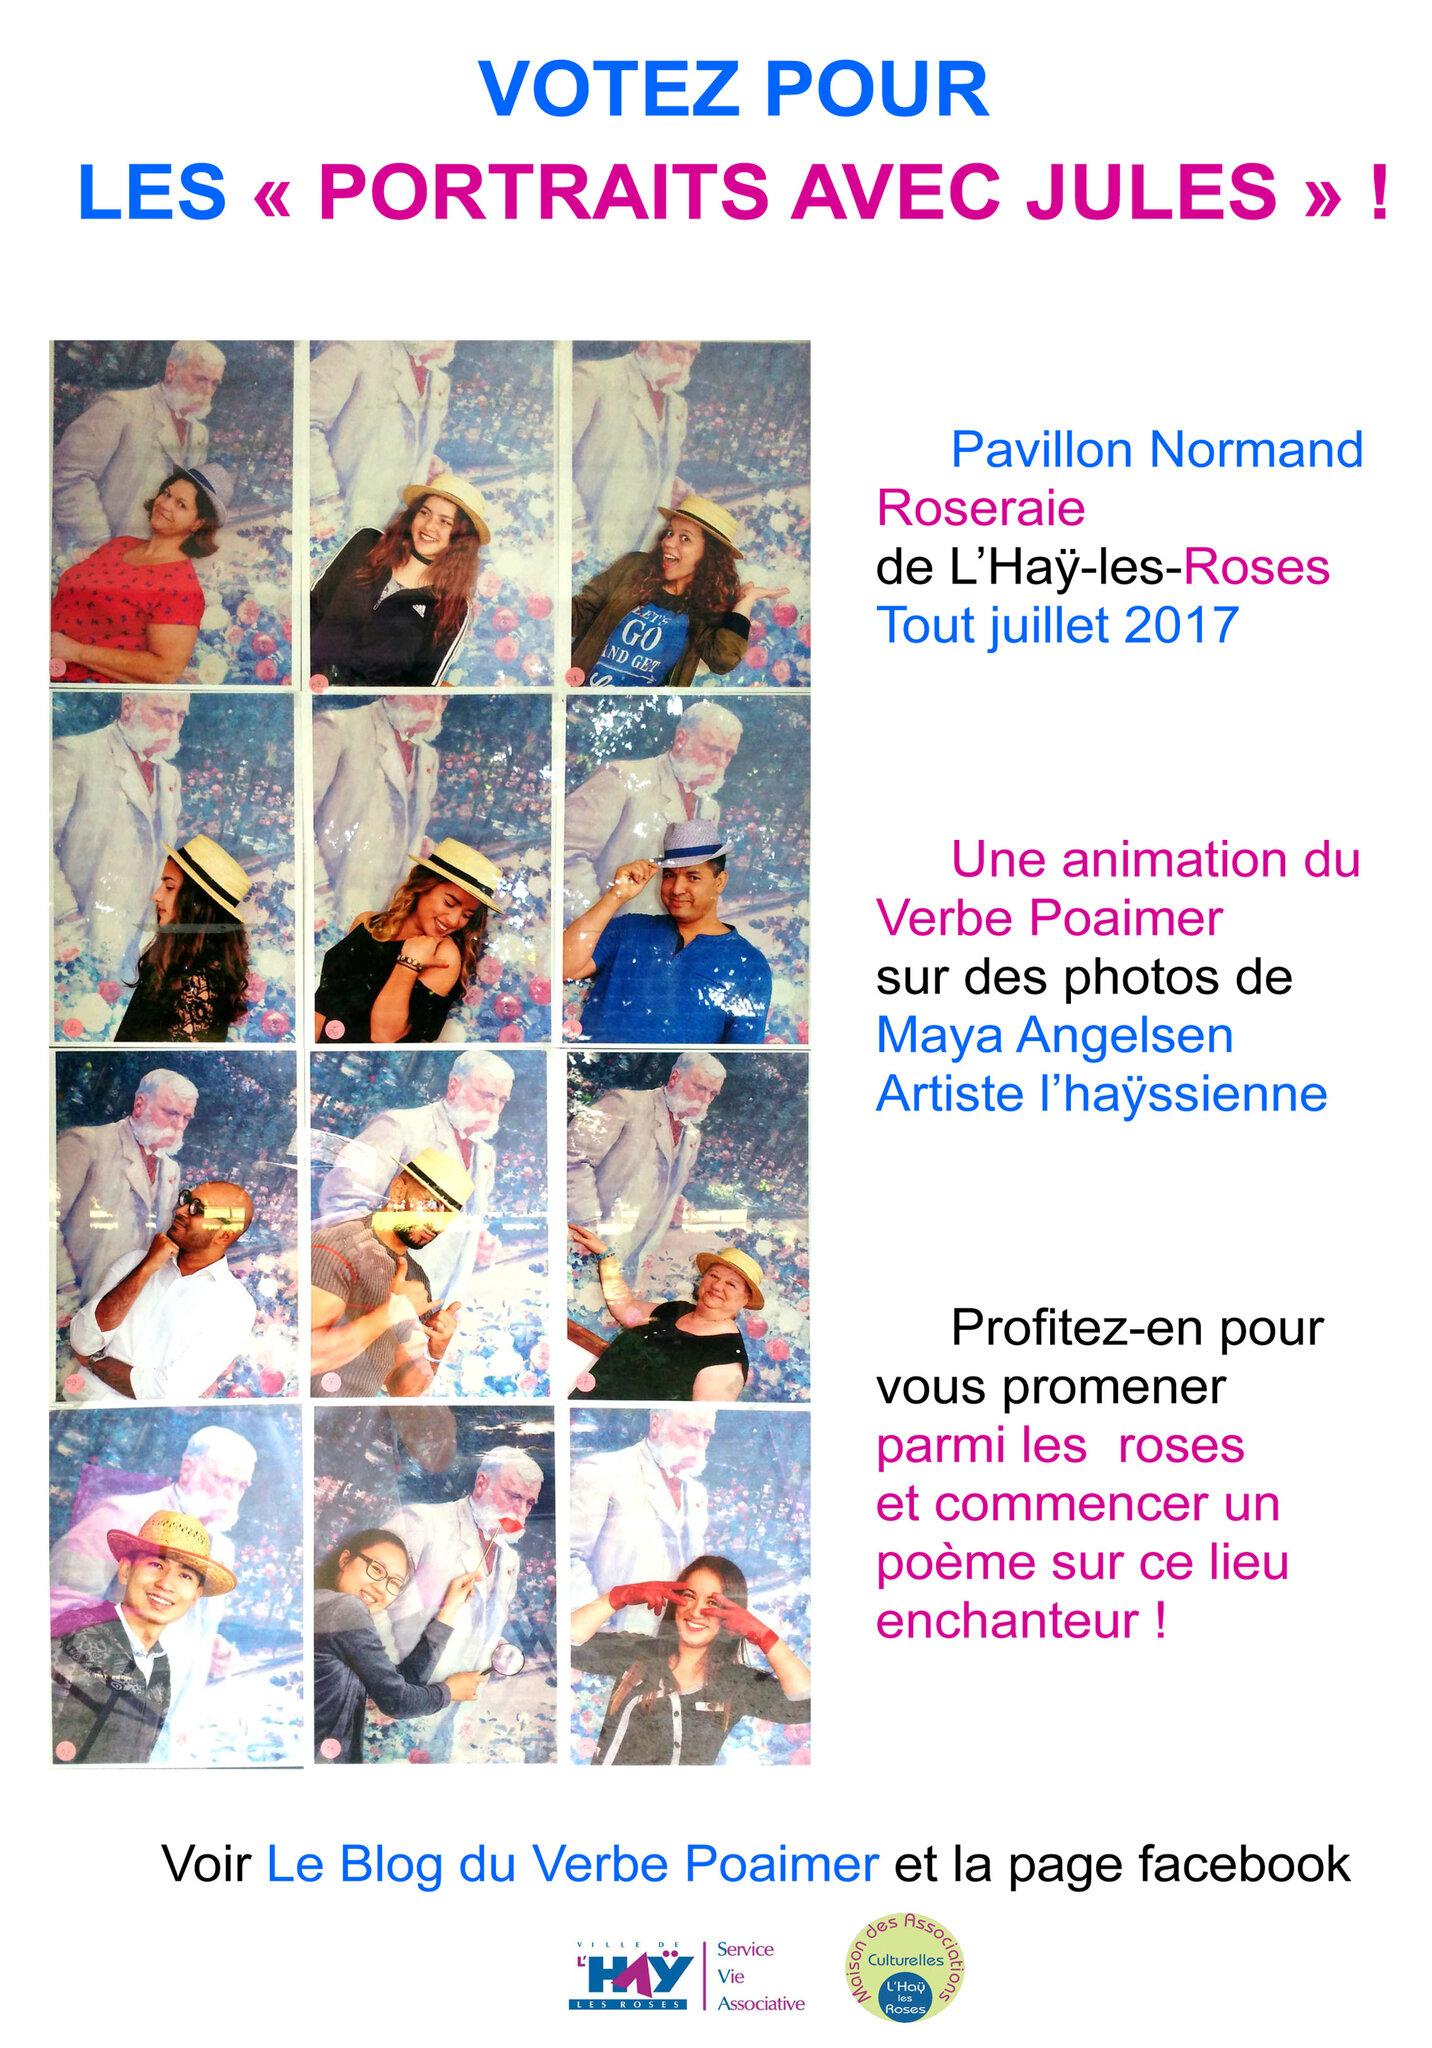 Les Portraits avec Jules Votez pour 1, 2 ou 3 photos d'Angelsen Pavillon Normand Roseraie de L'Haÿ avec Verbe Poaimer